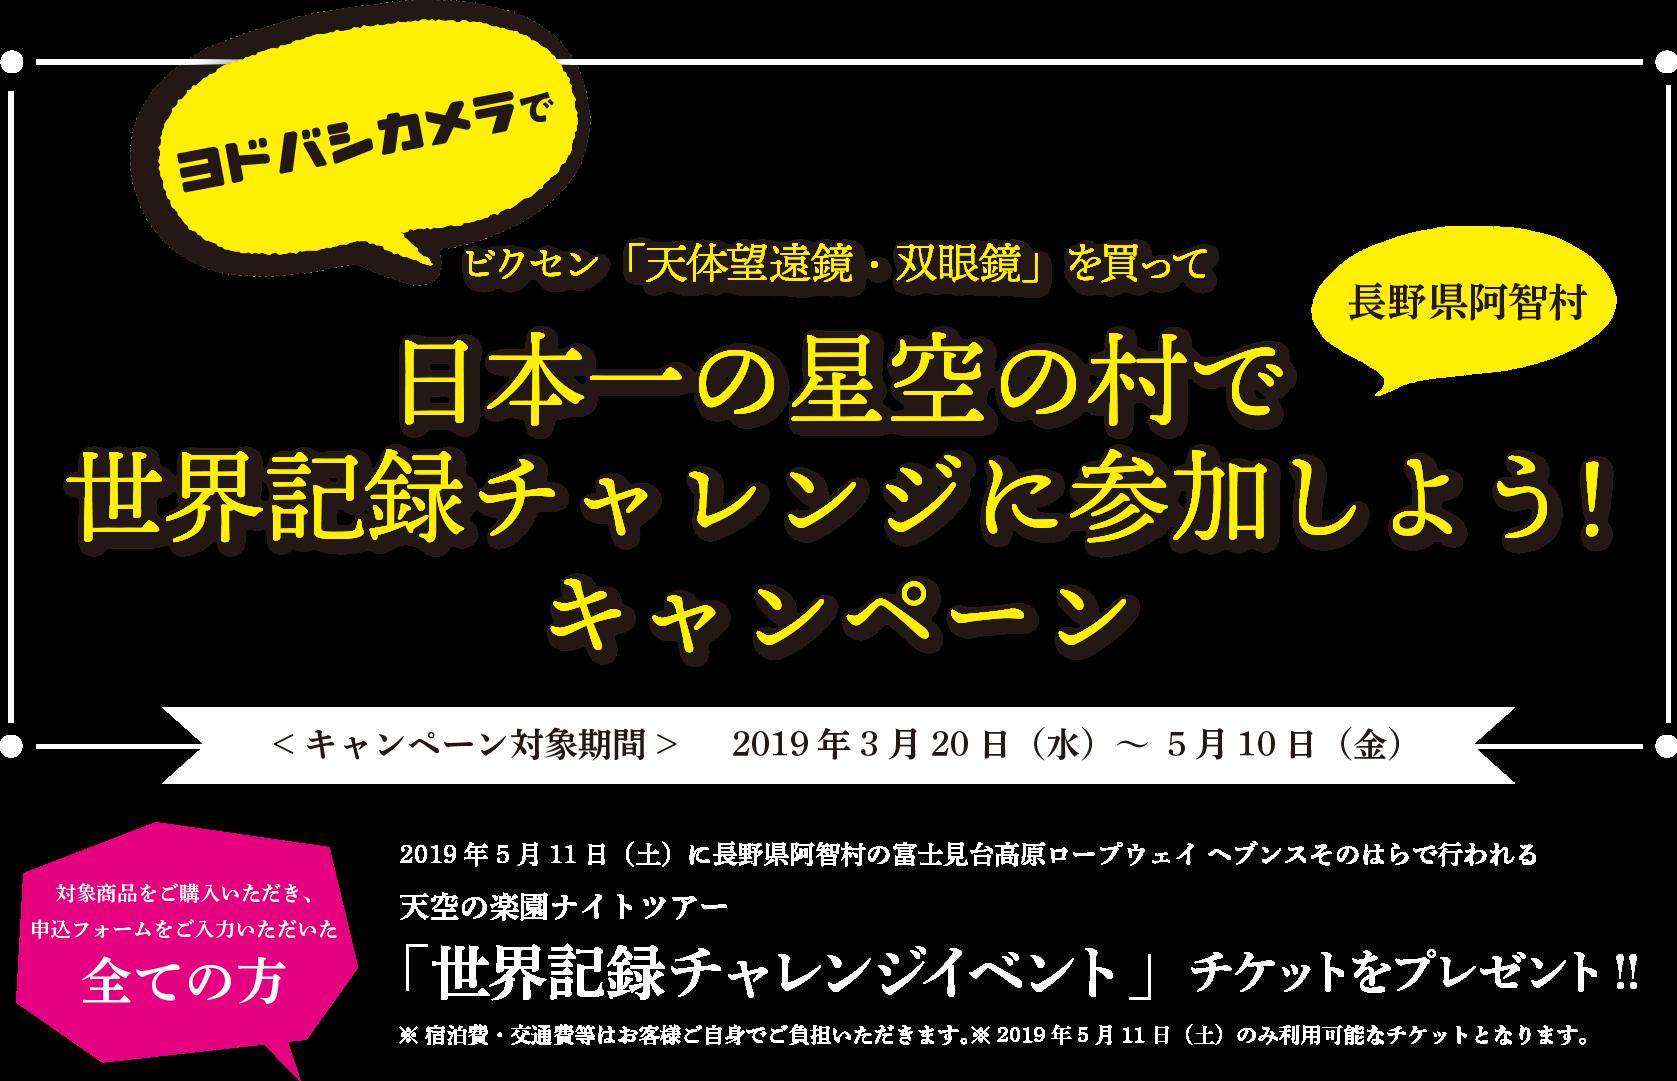 ヨドバシカメラキャンペーン